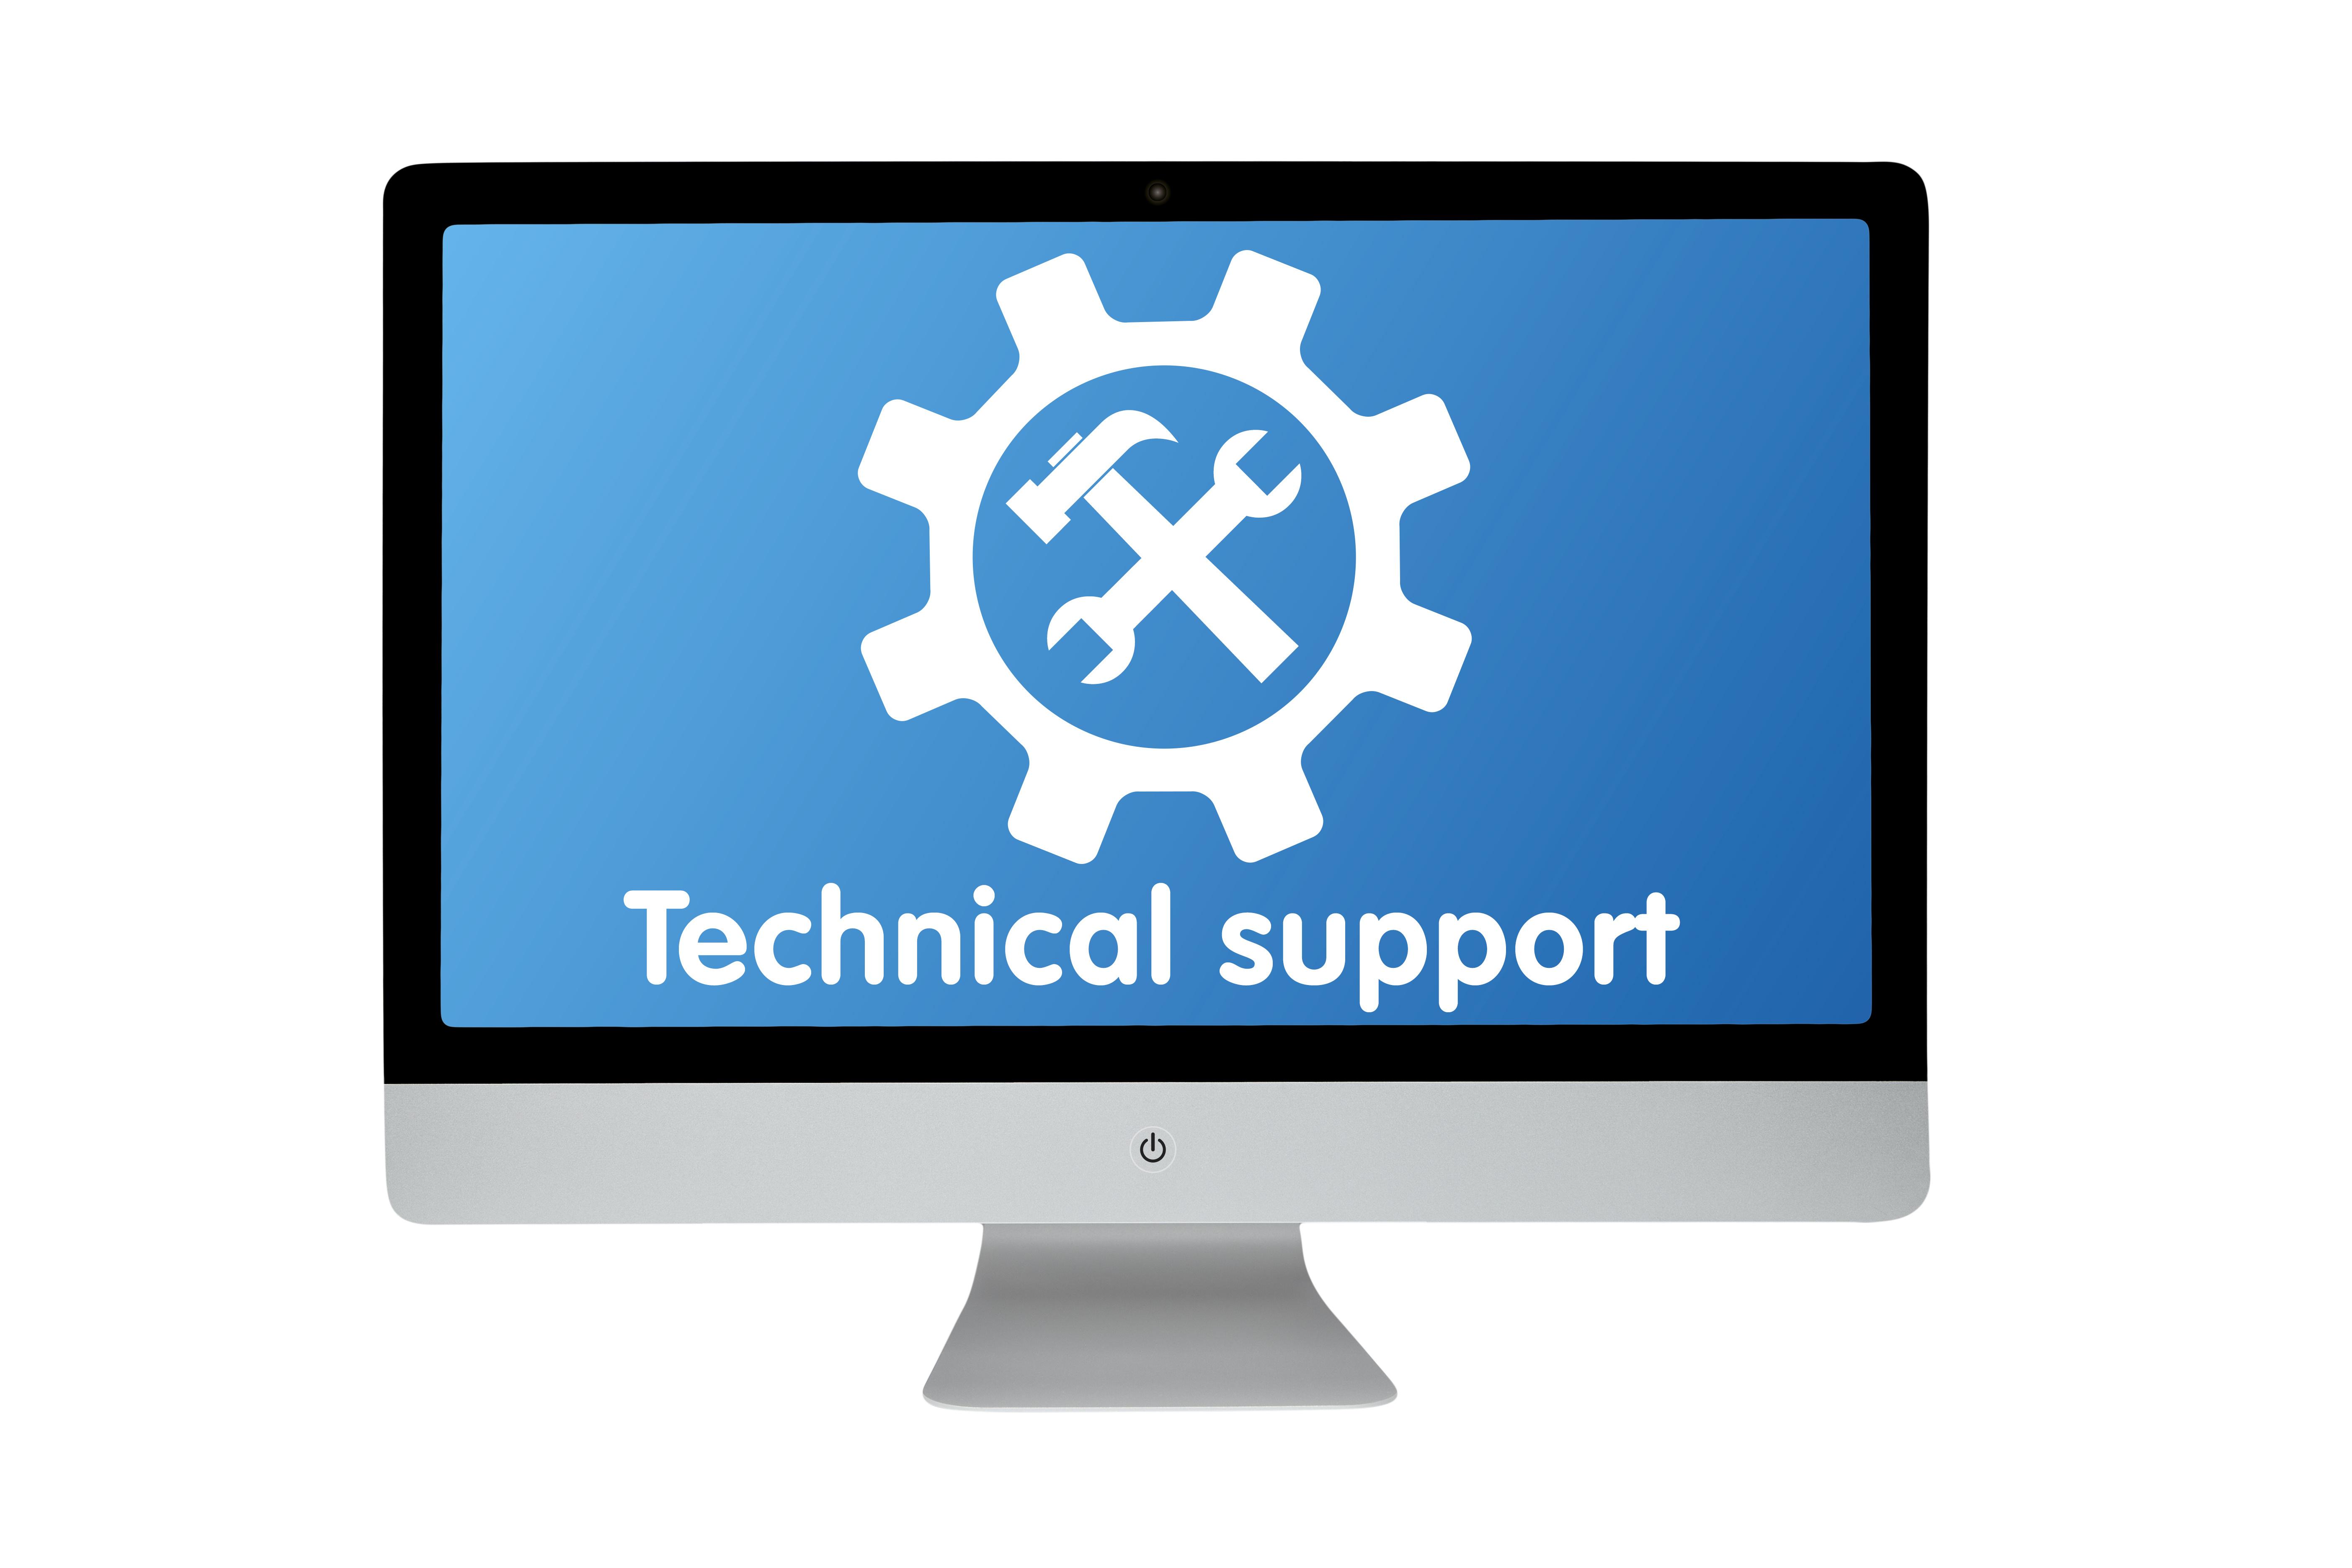 Technical support. Modern computer